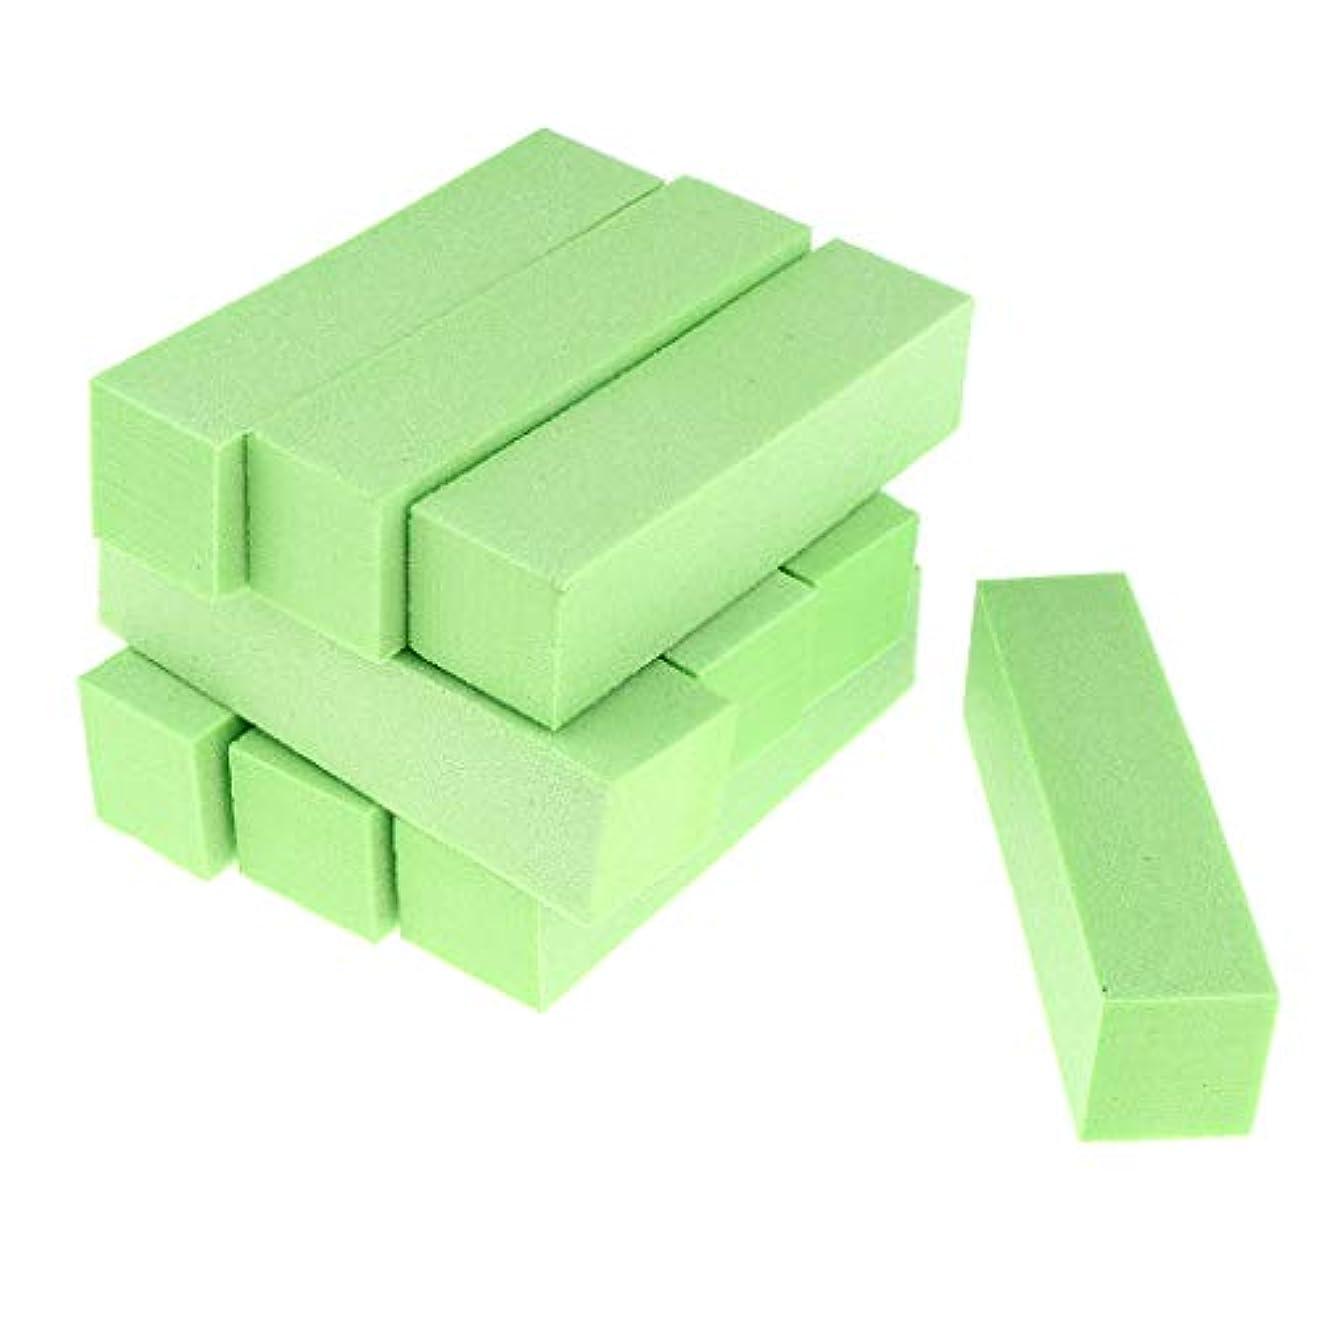 彼女は見捨てられた悲惨Toygogo 両面ネイルバッファーネイルシャイナースポンジネイルファイルサンディングブロック-ソフト&シルキー、10個-作成された滑らかで美しいネイル - 緑